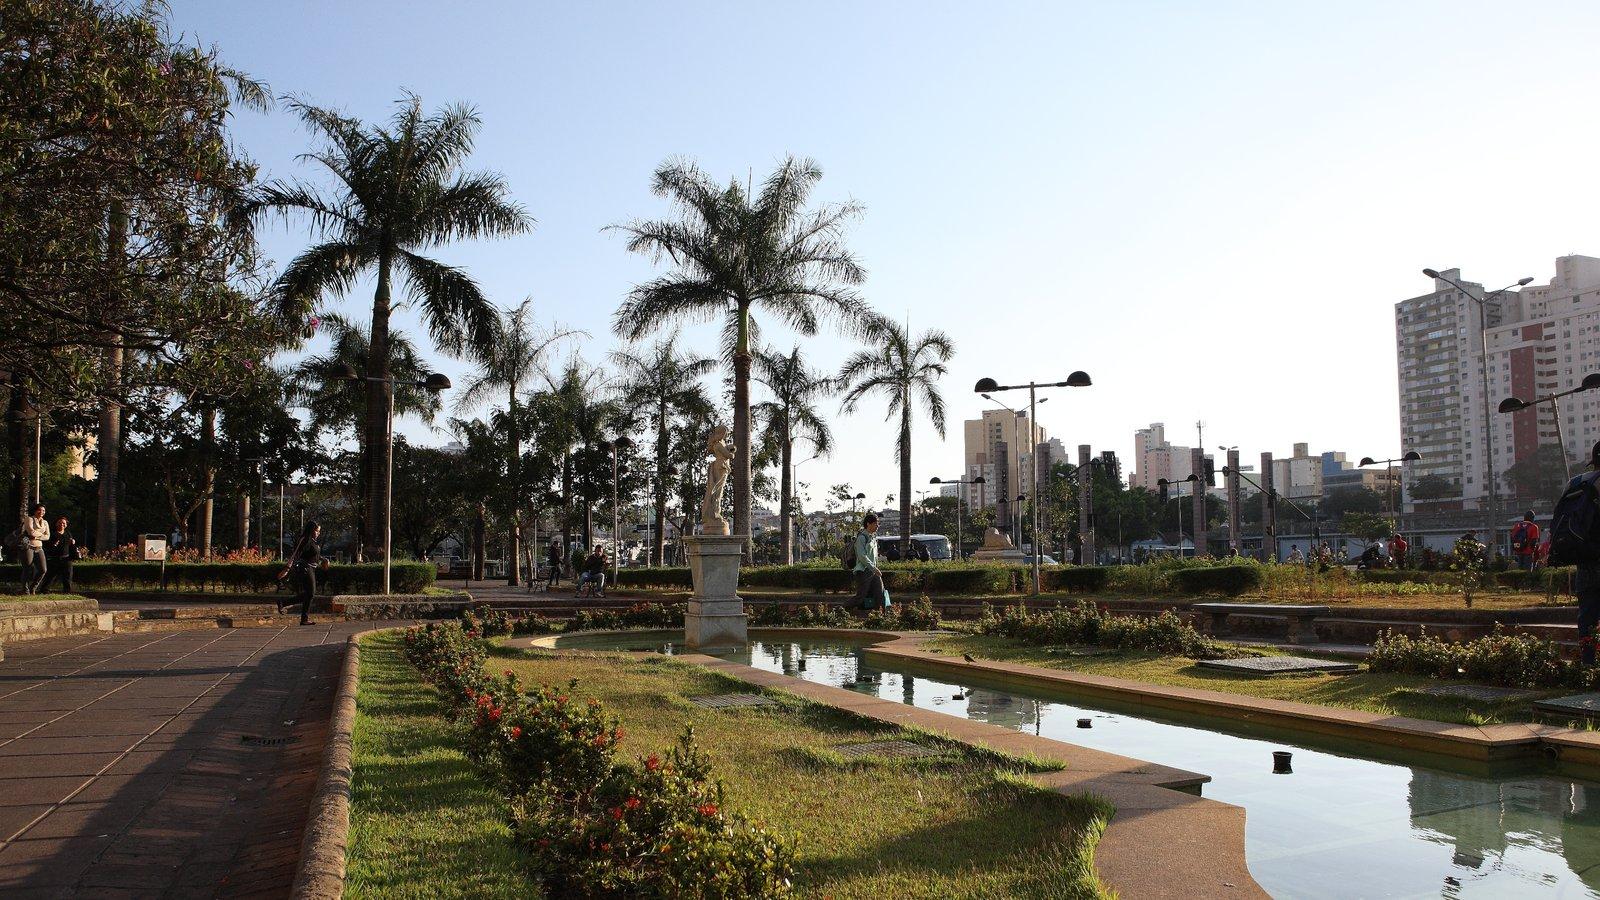 Belo Horizonte que inclui um jardim